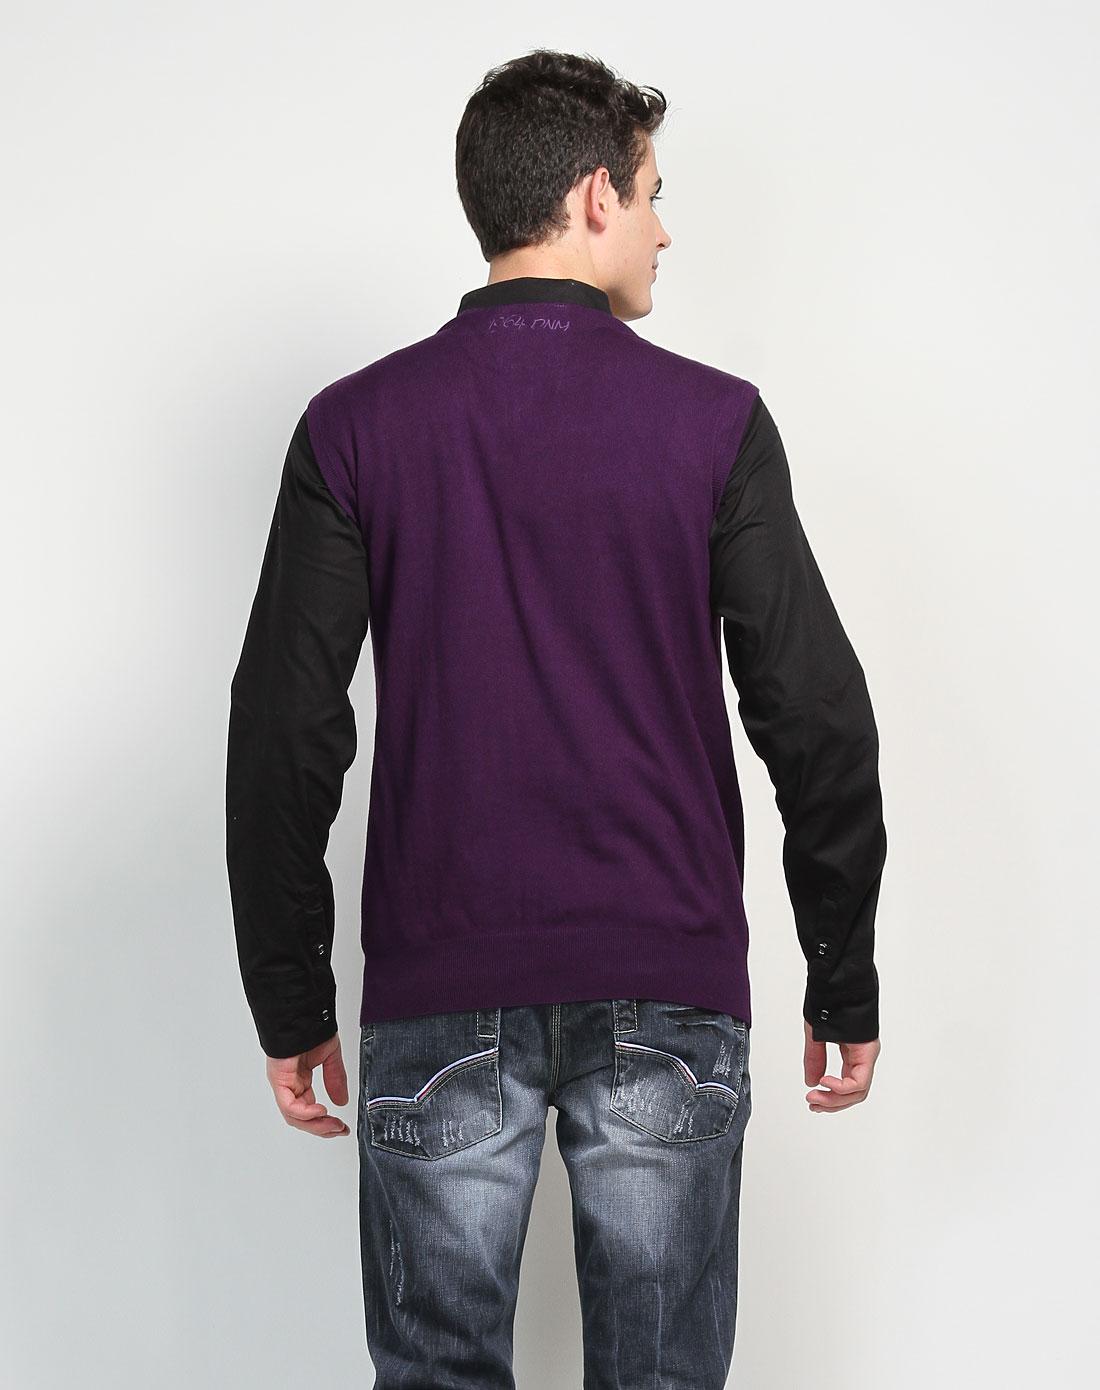 男款紫色刺绣logo舒适v领针织背心